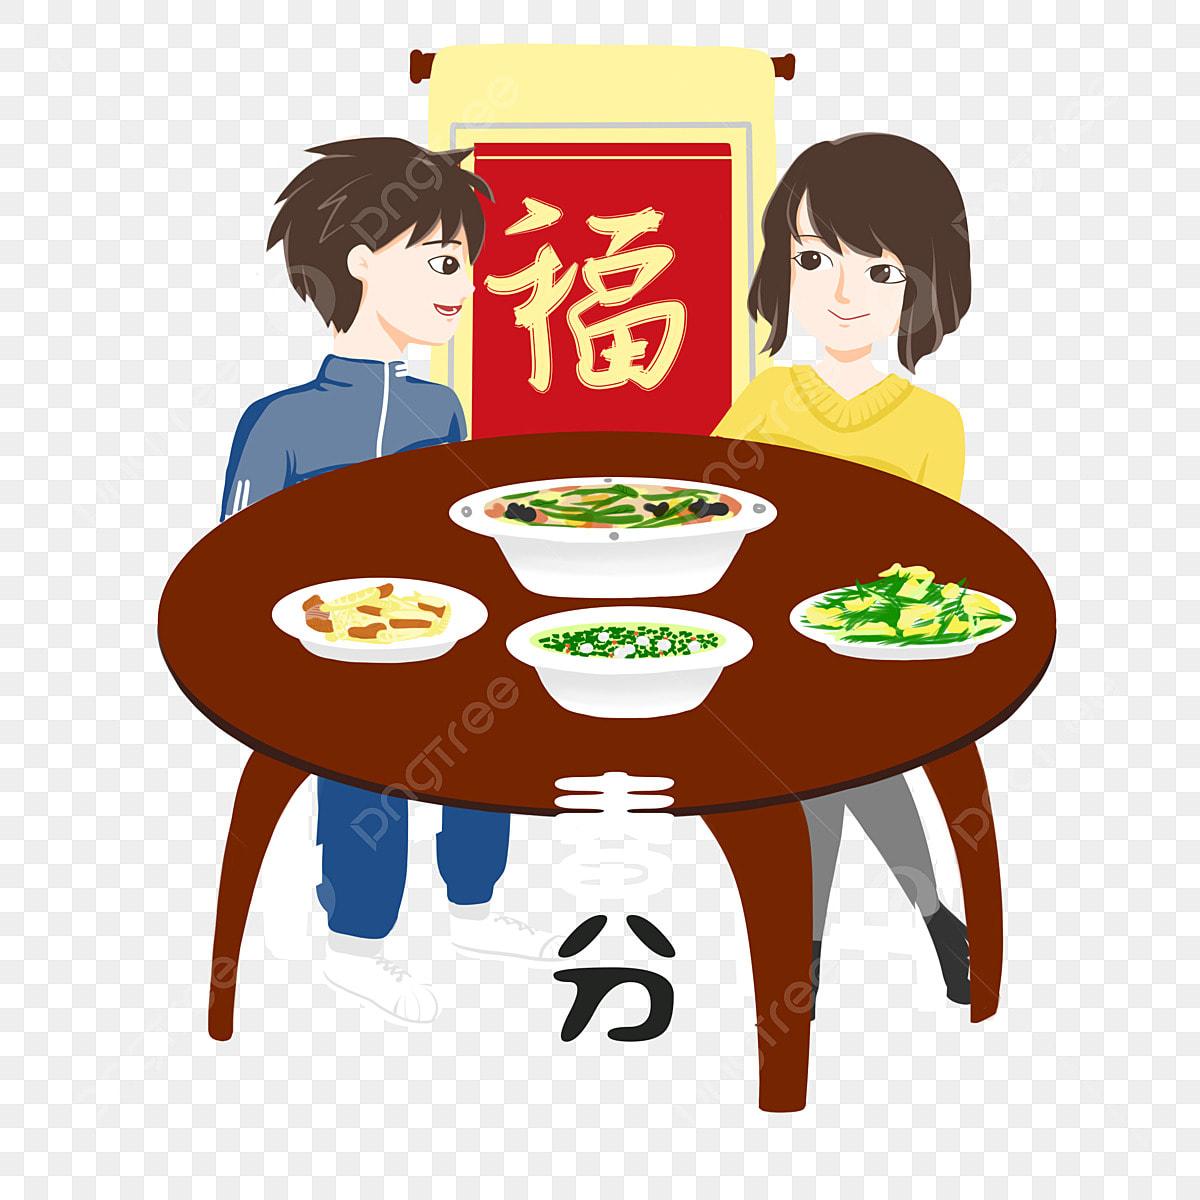 الرسم التوضيحي لشخصيات الاعتدال طعام لذيذ طاولة صفراء تناول زوجين شخصية كرتونية نعمة صفراء طاولة صفراء الرسم التوضيحي لشخصيات الاعتدال Png وملف Psd للتحميل مجانا